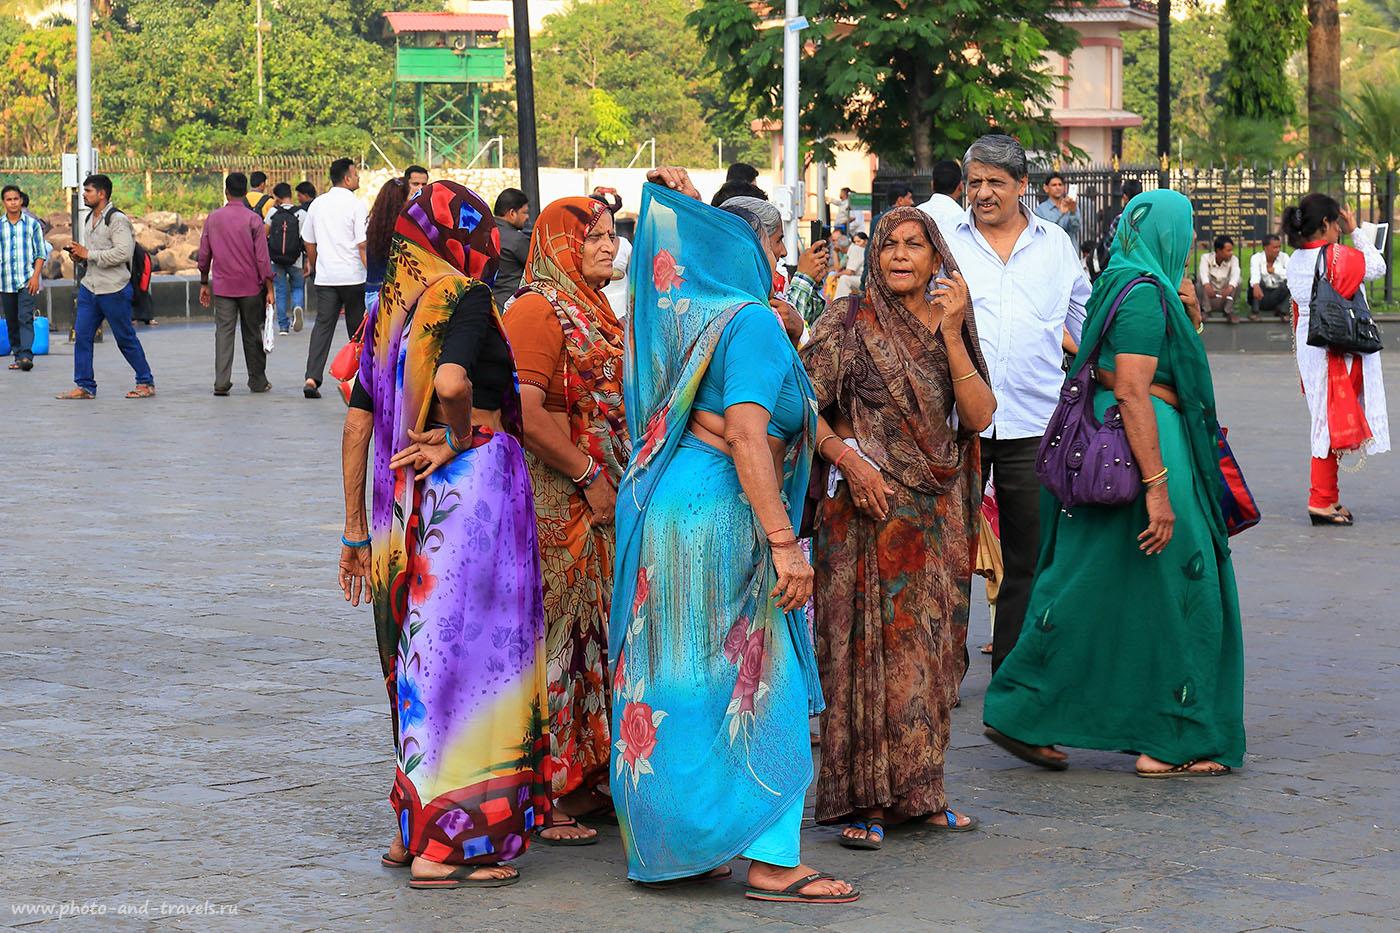 25. Группа дам у монумента. Вечер в Мумбаи. Отзыв о самостоятельной поездке в Индию в октябре (24-70,1/125, -1eV, f9, 70 mm, ISO 100)